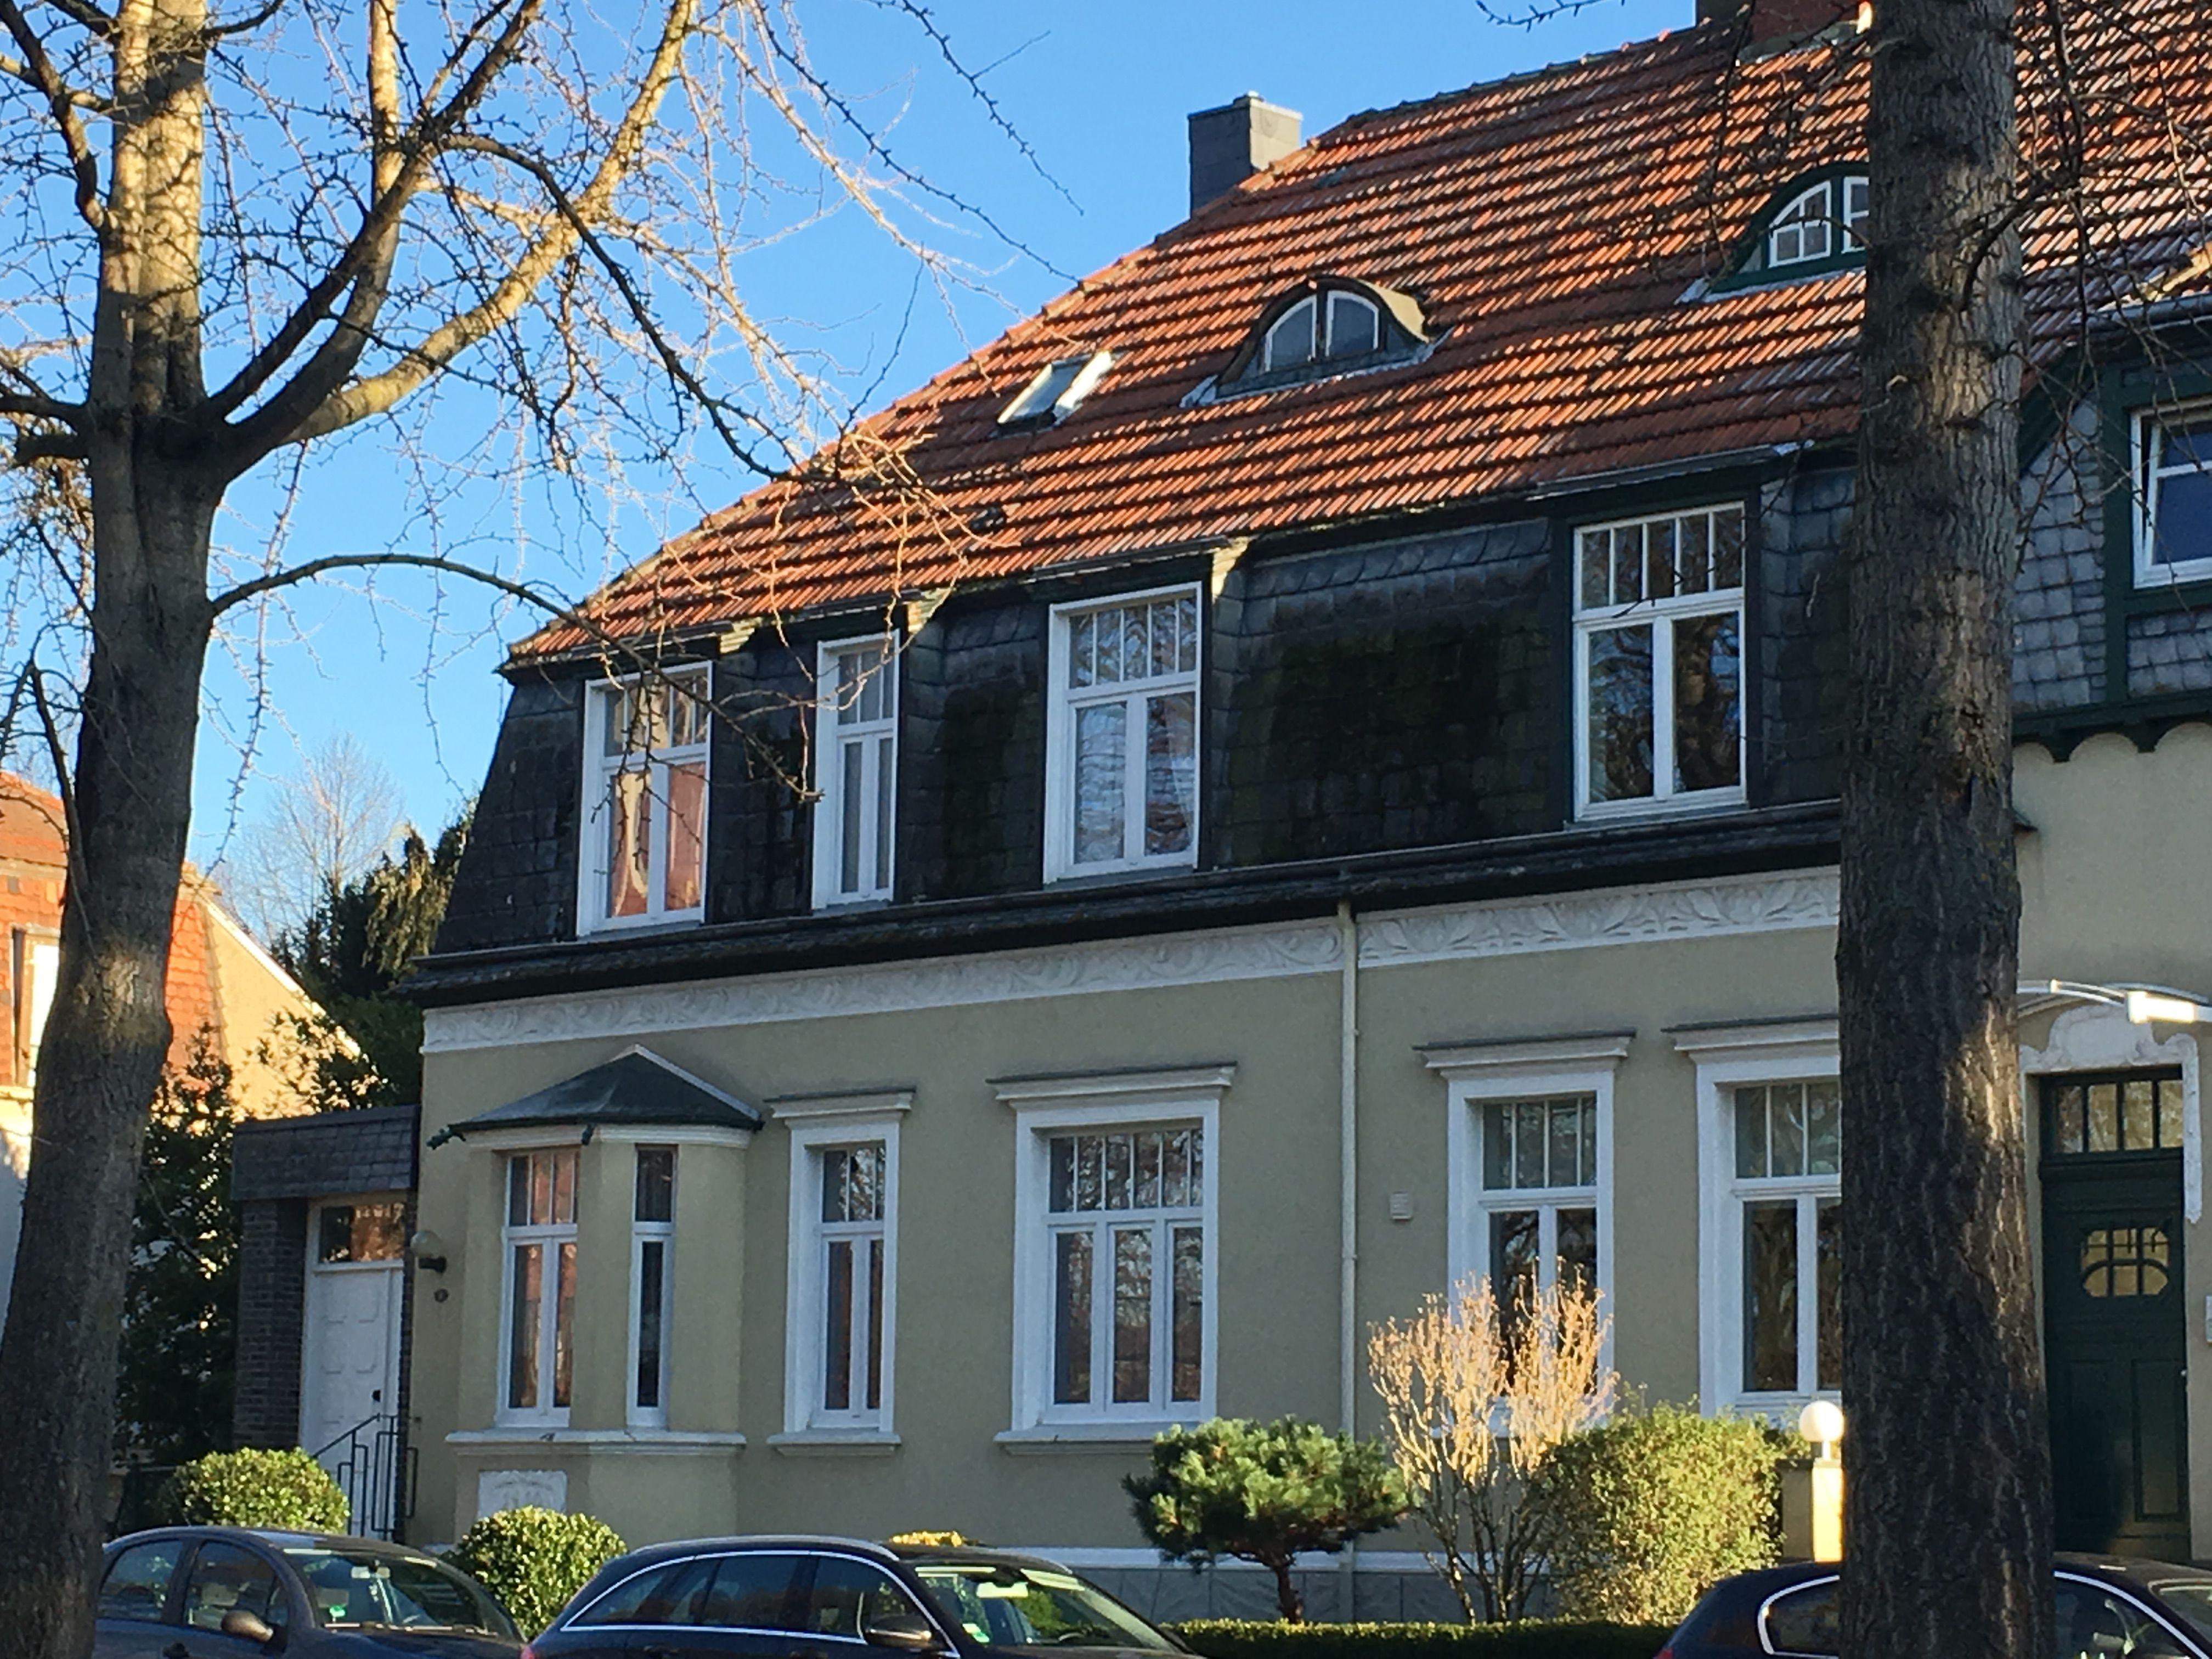 Pin Von Volksbank Immobilien Gmbh Auf Wohnhauser Volksbank Immobilien Wohnen Haus Immobilien